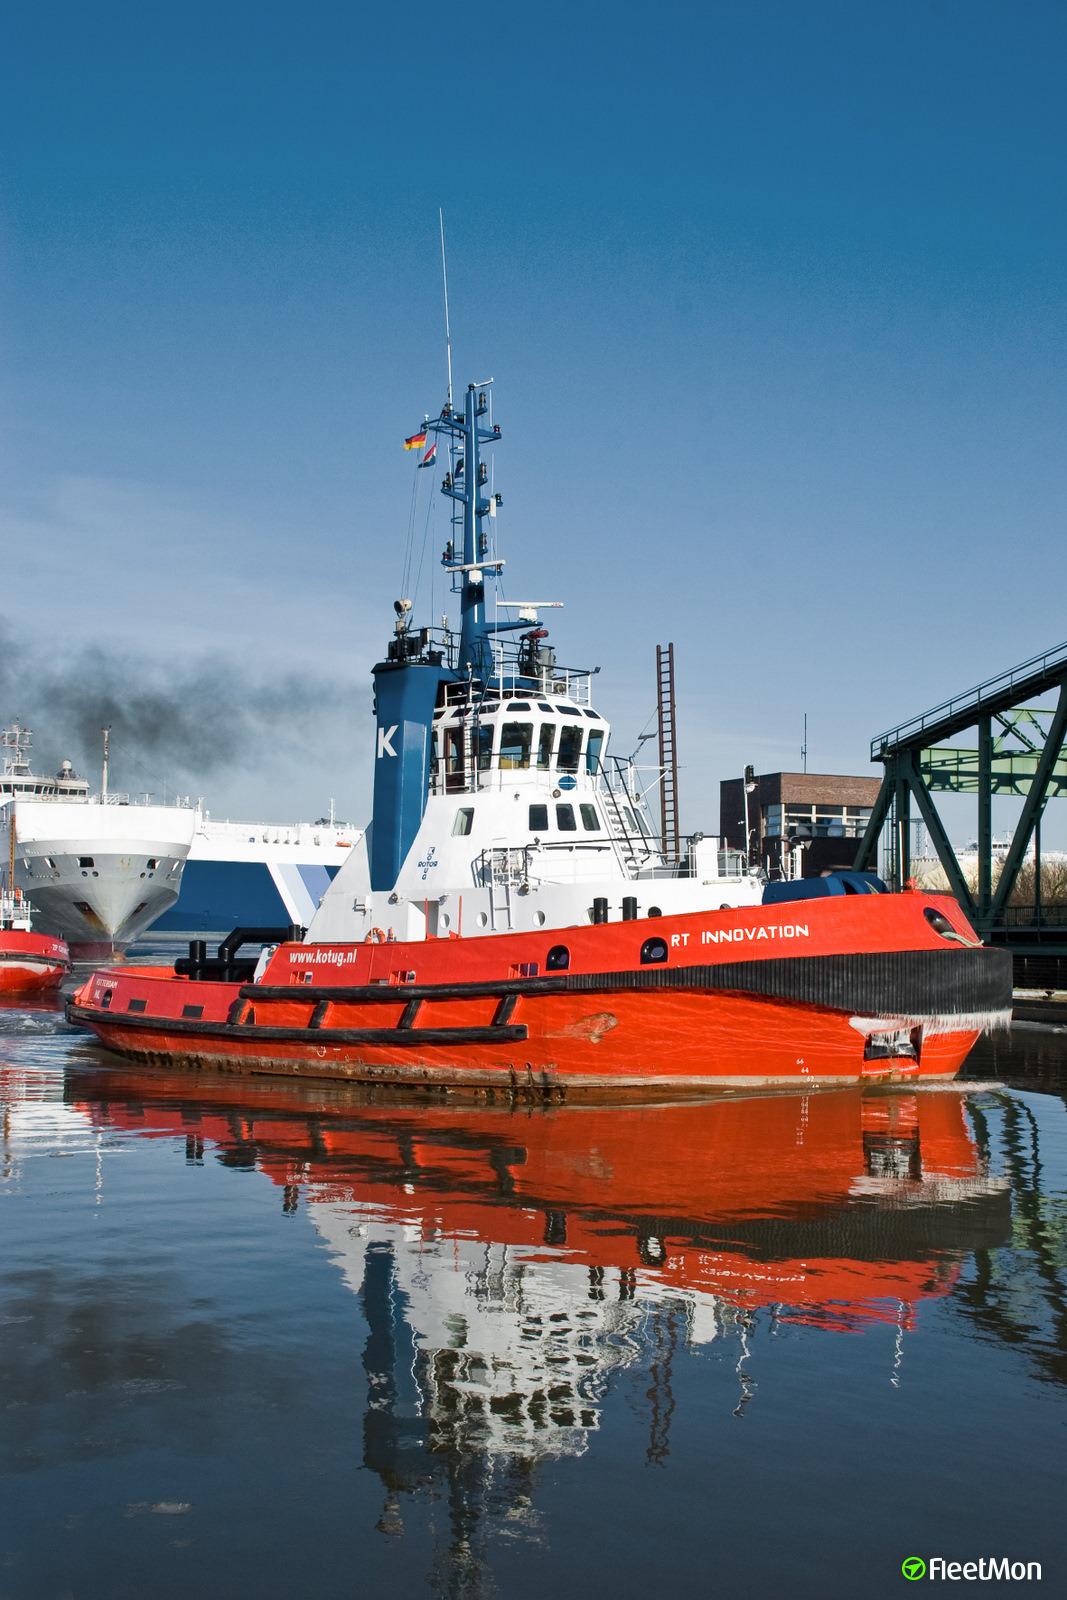 vessel rt innovation